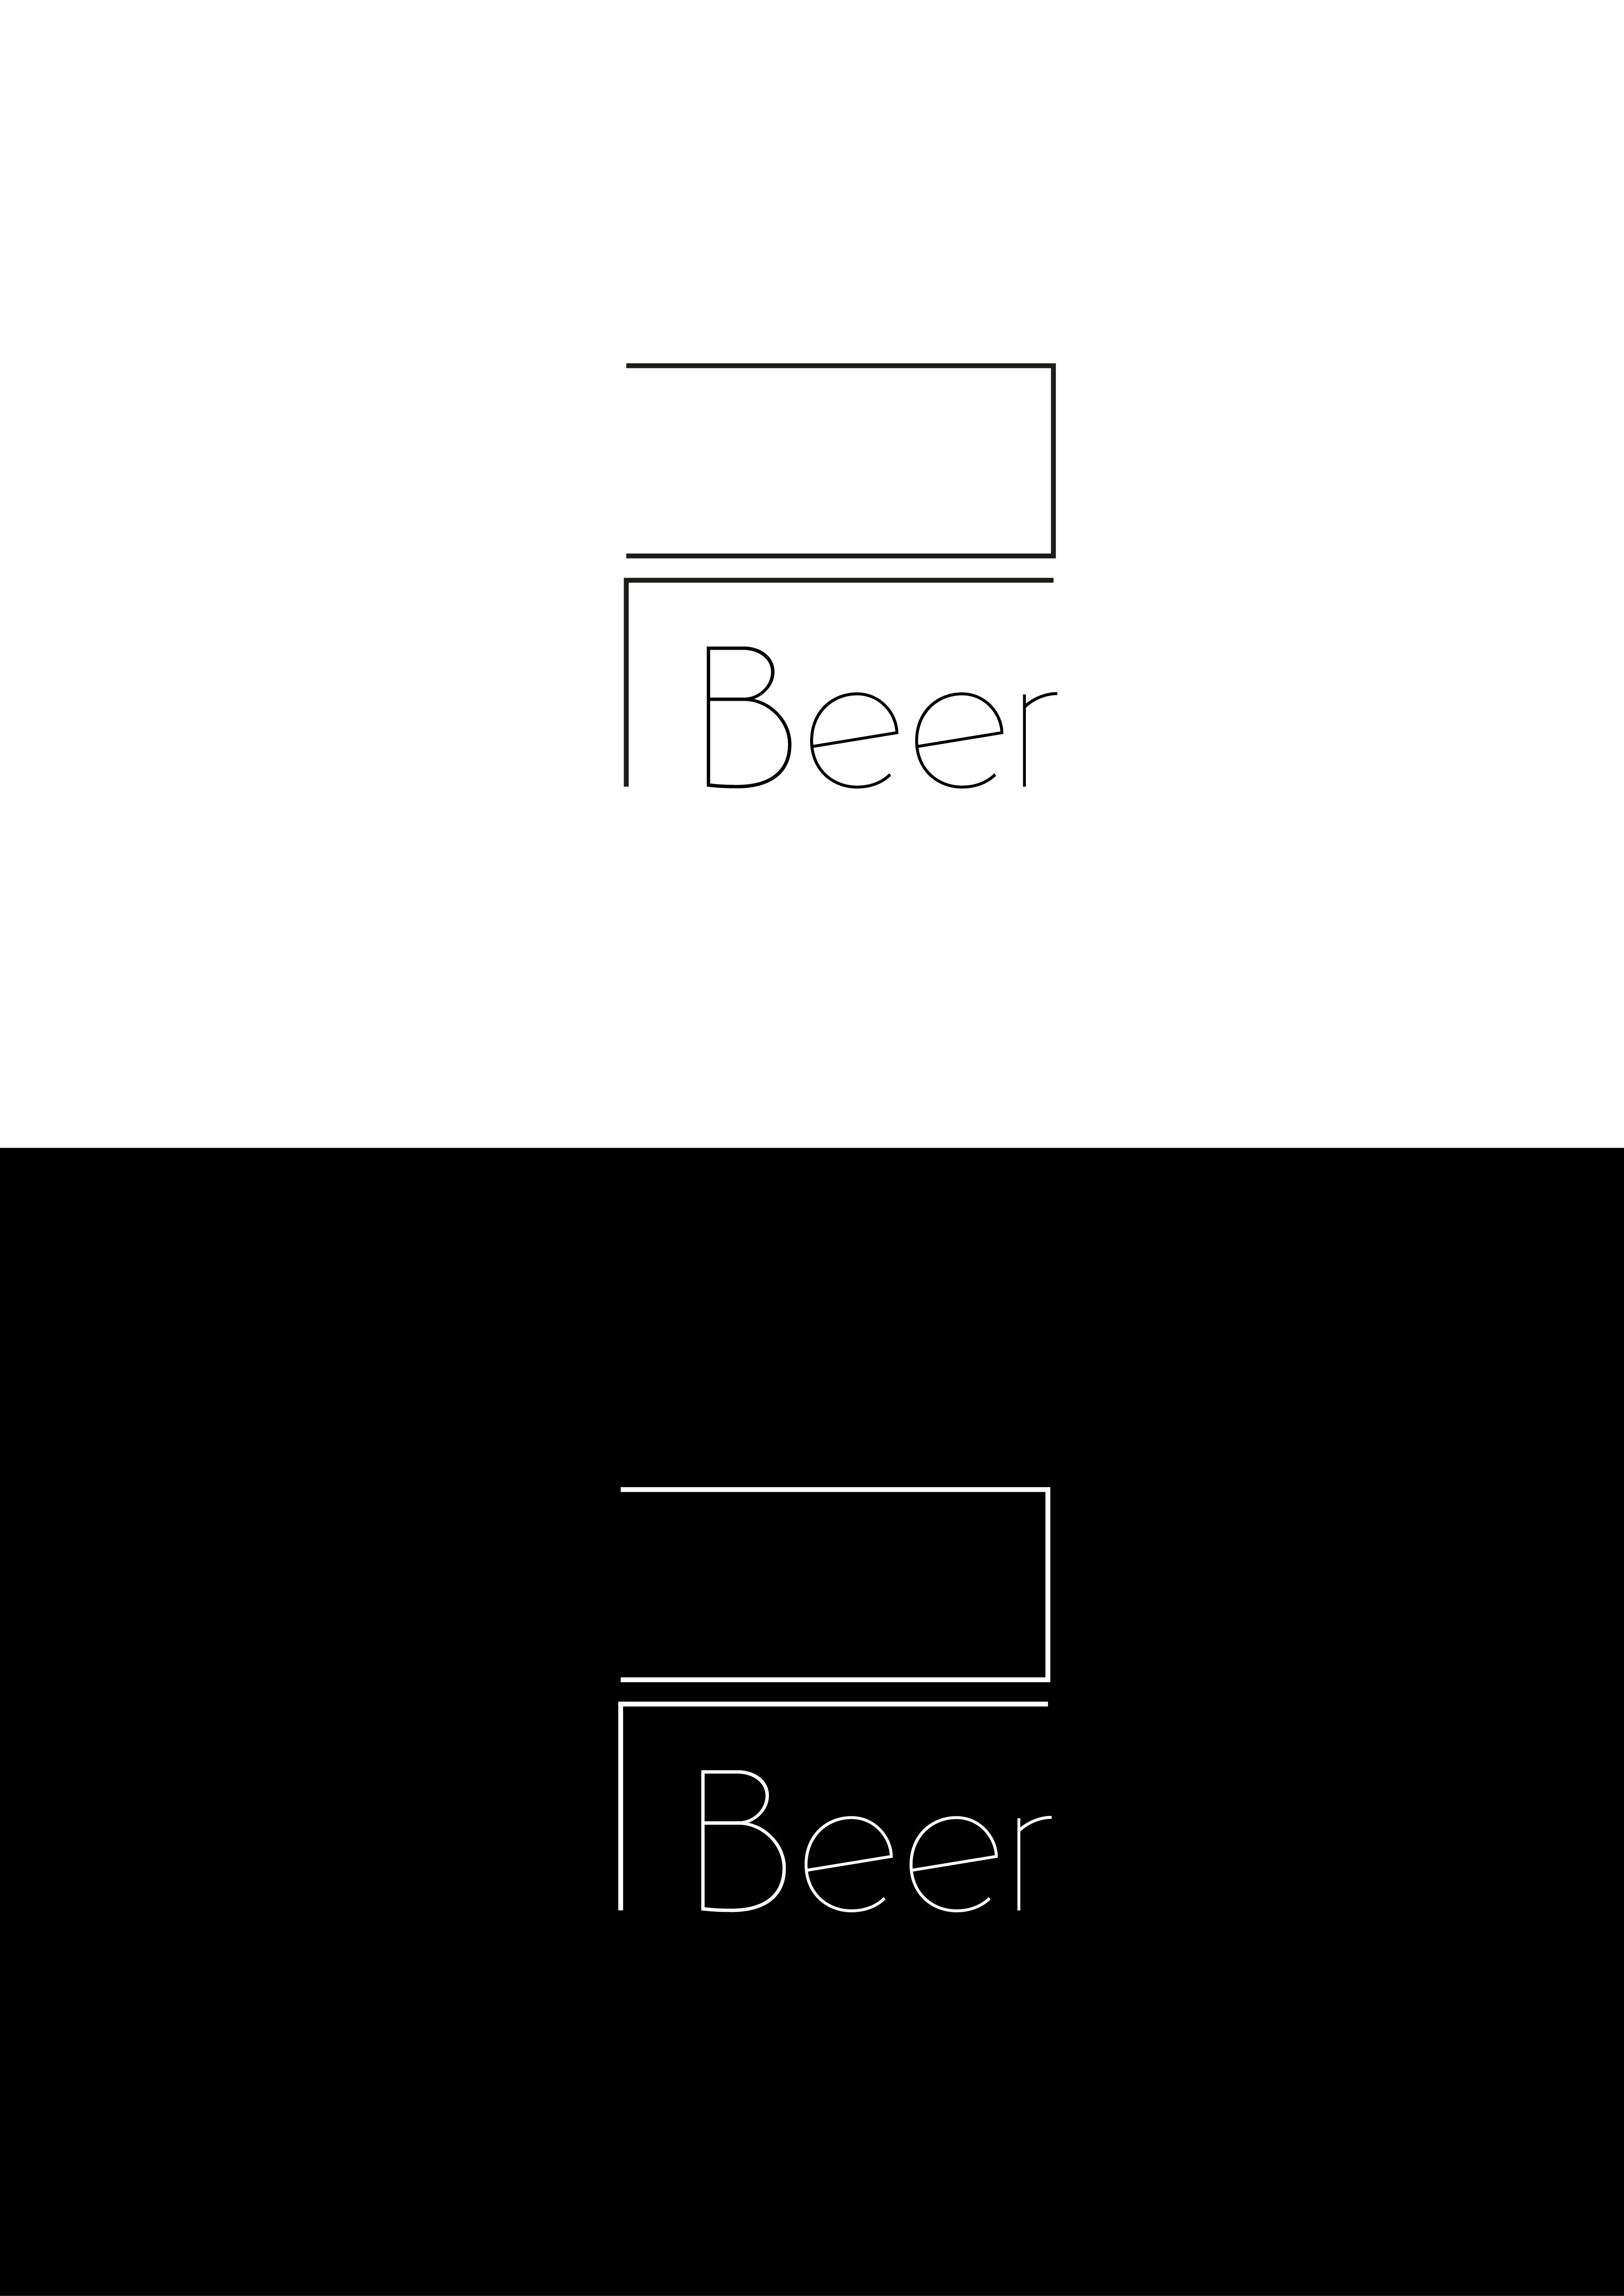 Логотип для Крафтовой Пивоварни фото f_2485cb4af8446550.jpg